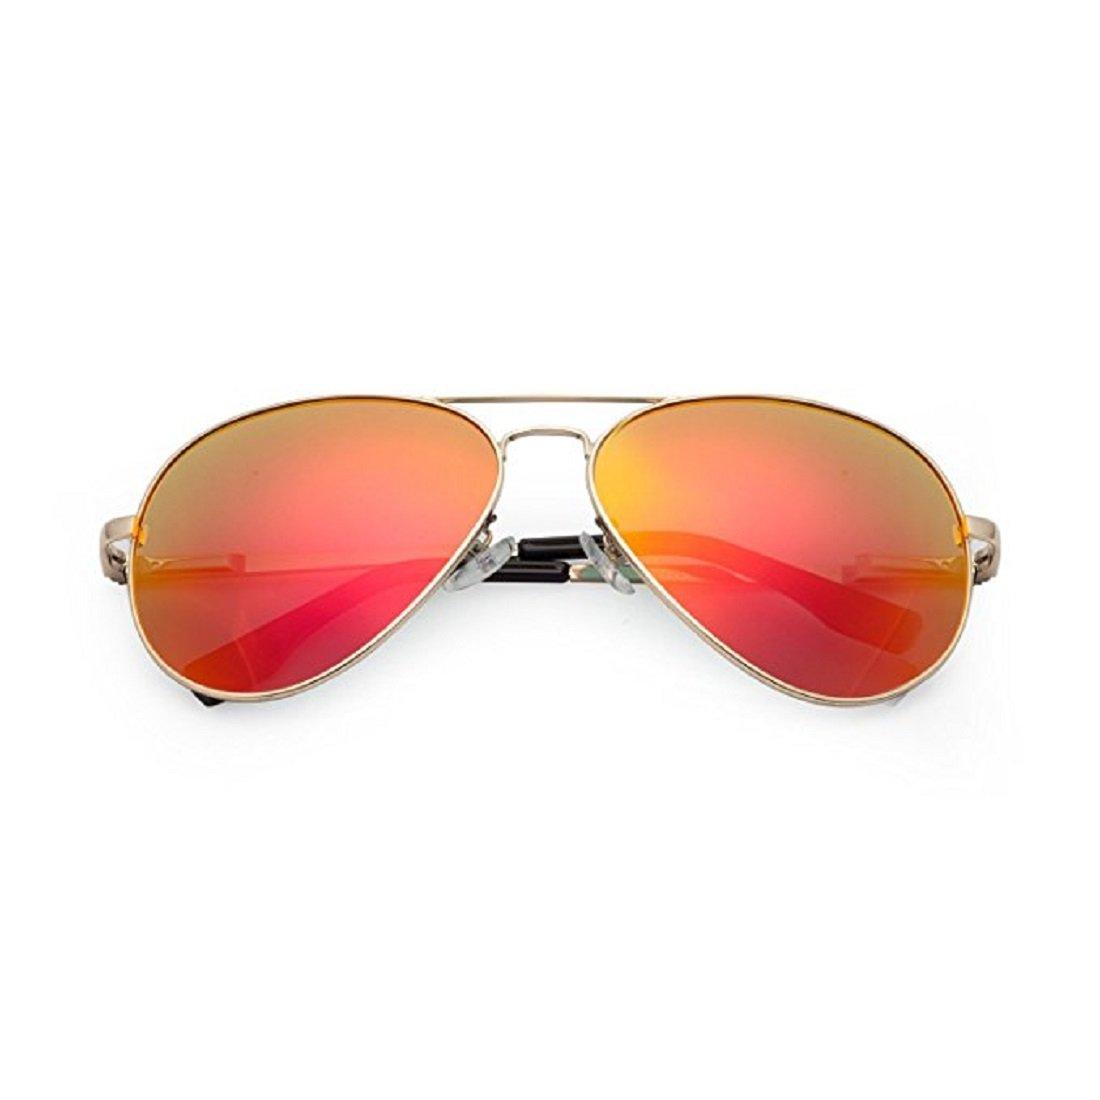 Feililong Prämie Voll Mirrored Pilotenbrille Flieger Sonnenbrille UV400 Schutz Optimal Entwurf Herren und Frauen Aviator Sonnenbrillen (Gold Rote Linse / Goldrahmen) n21Lbdk